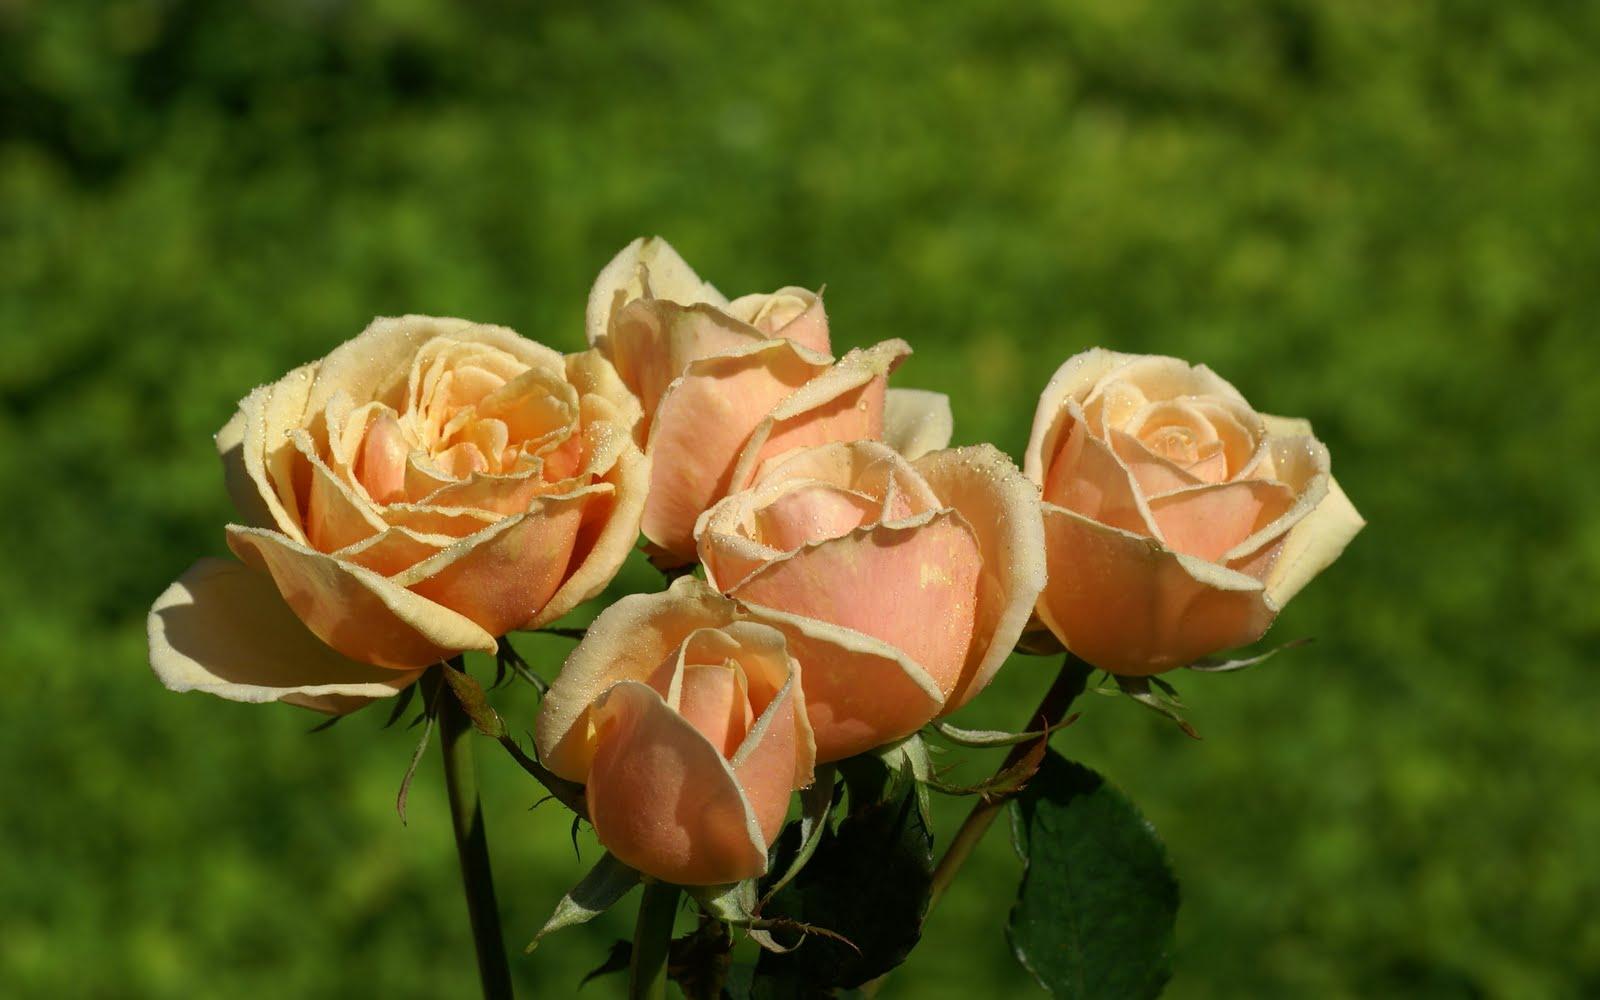 http://2.bp.blogspot.com/_BEyQraI-KQQ/SxSxAt7NhWI/AAAAAAAADts/RILPeKrjOfs/s1600/peach_roses-dsc01553.jpg